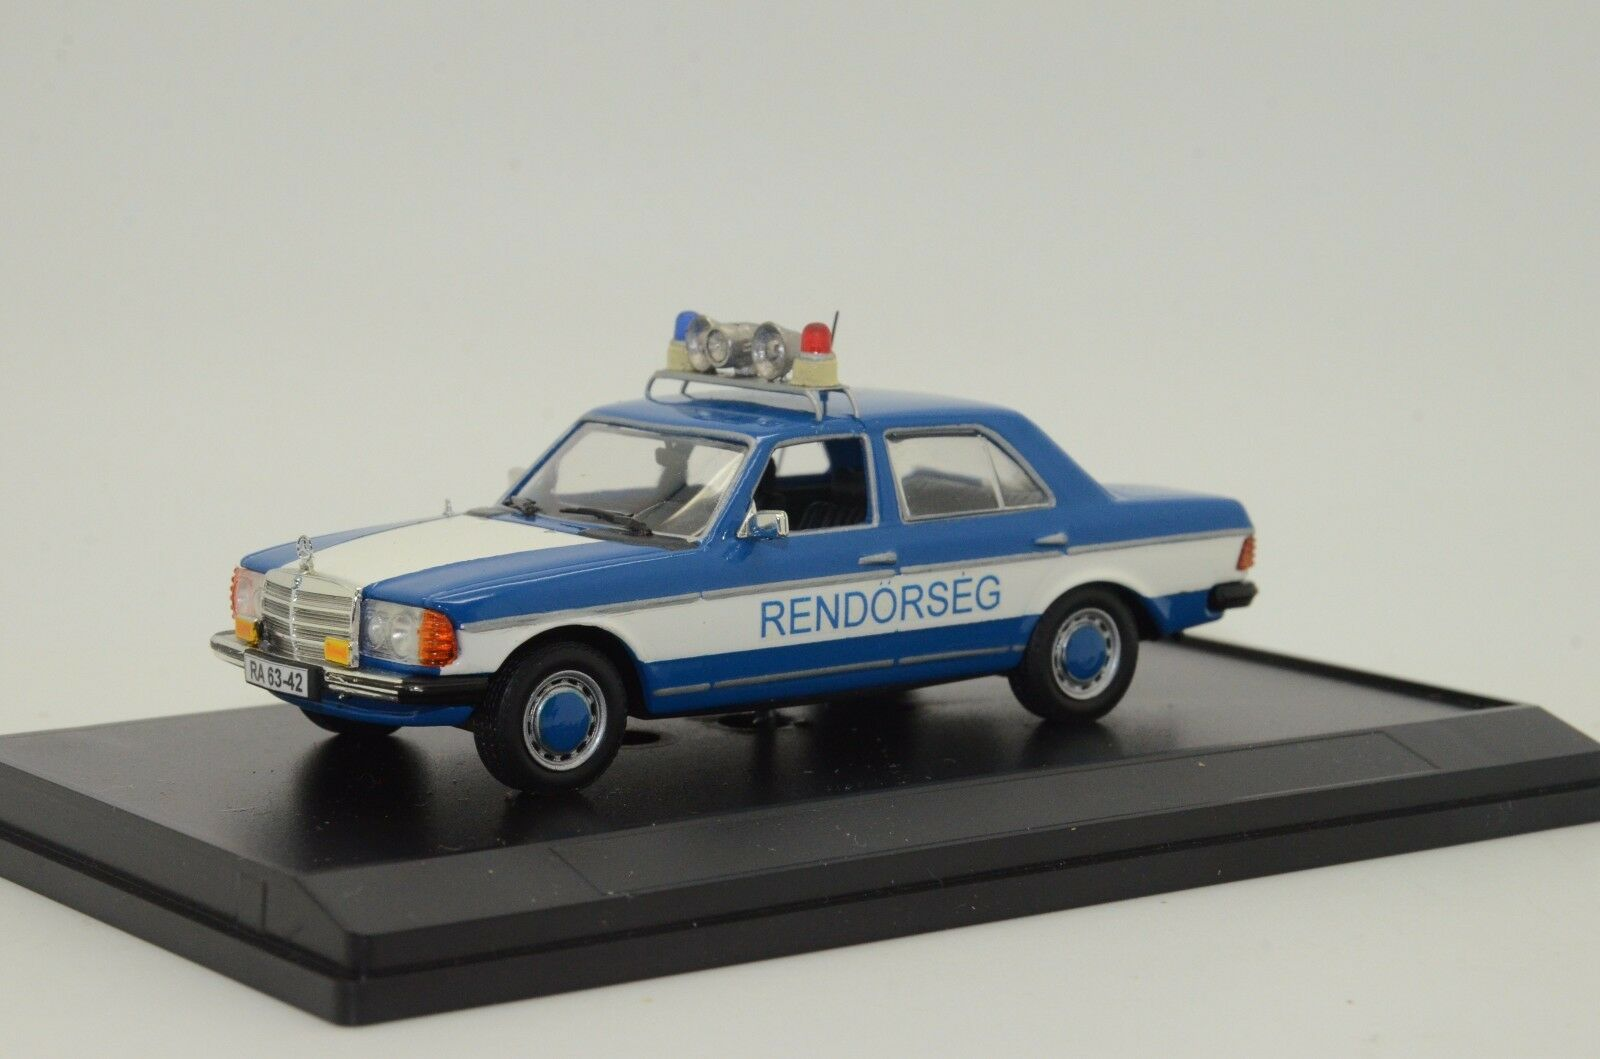 sin mínimo    rara      Mercedes W123 rendorseg rendőrség Hungría policía Hecho a Medida 1 43  almacén al por mayor